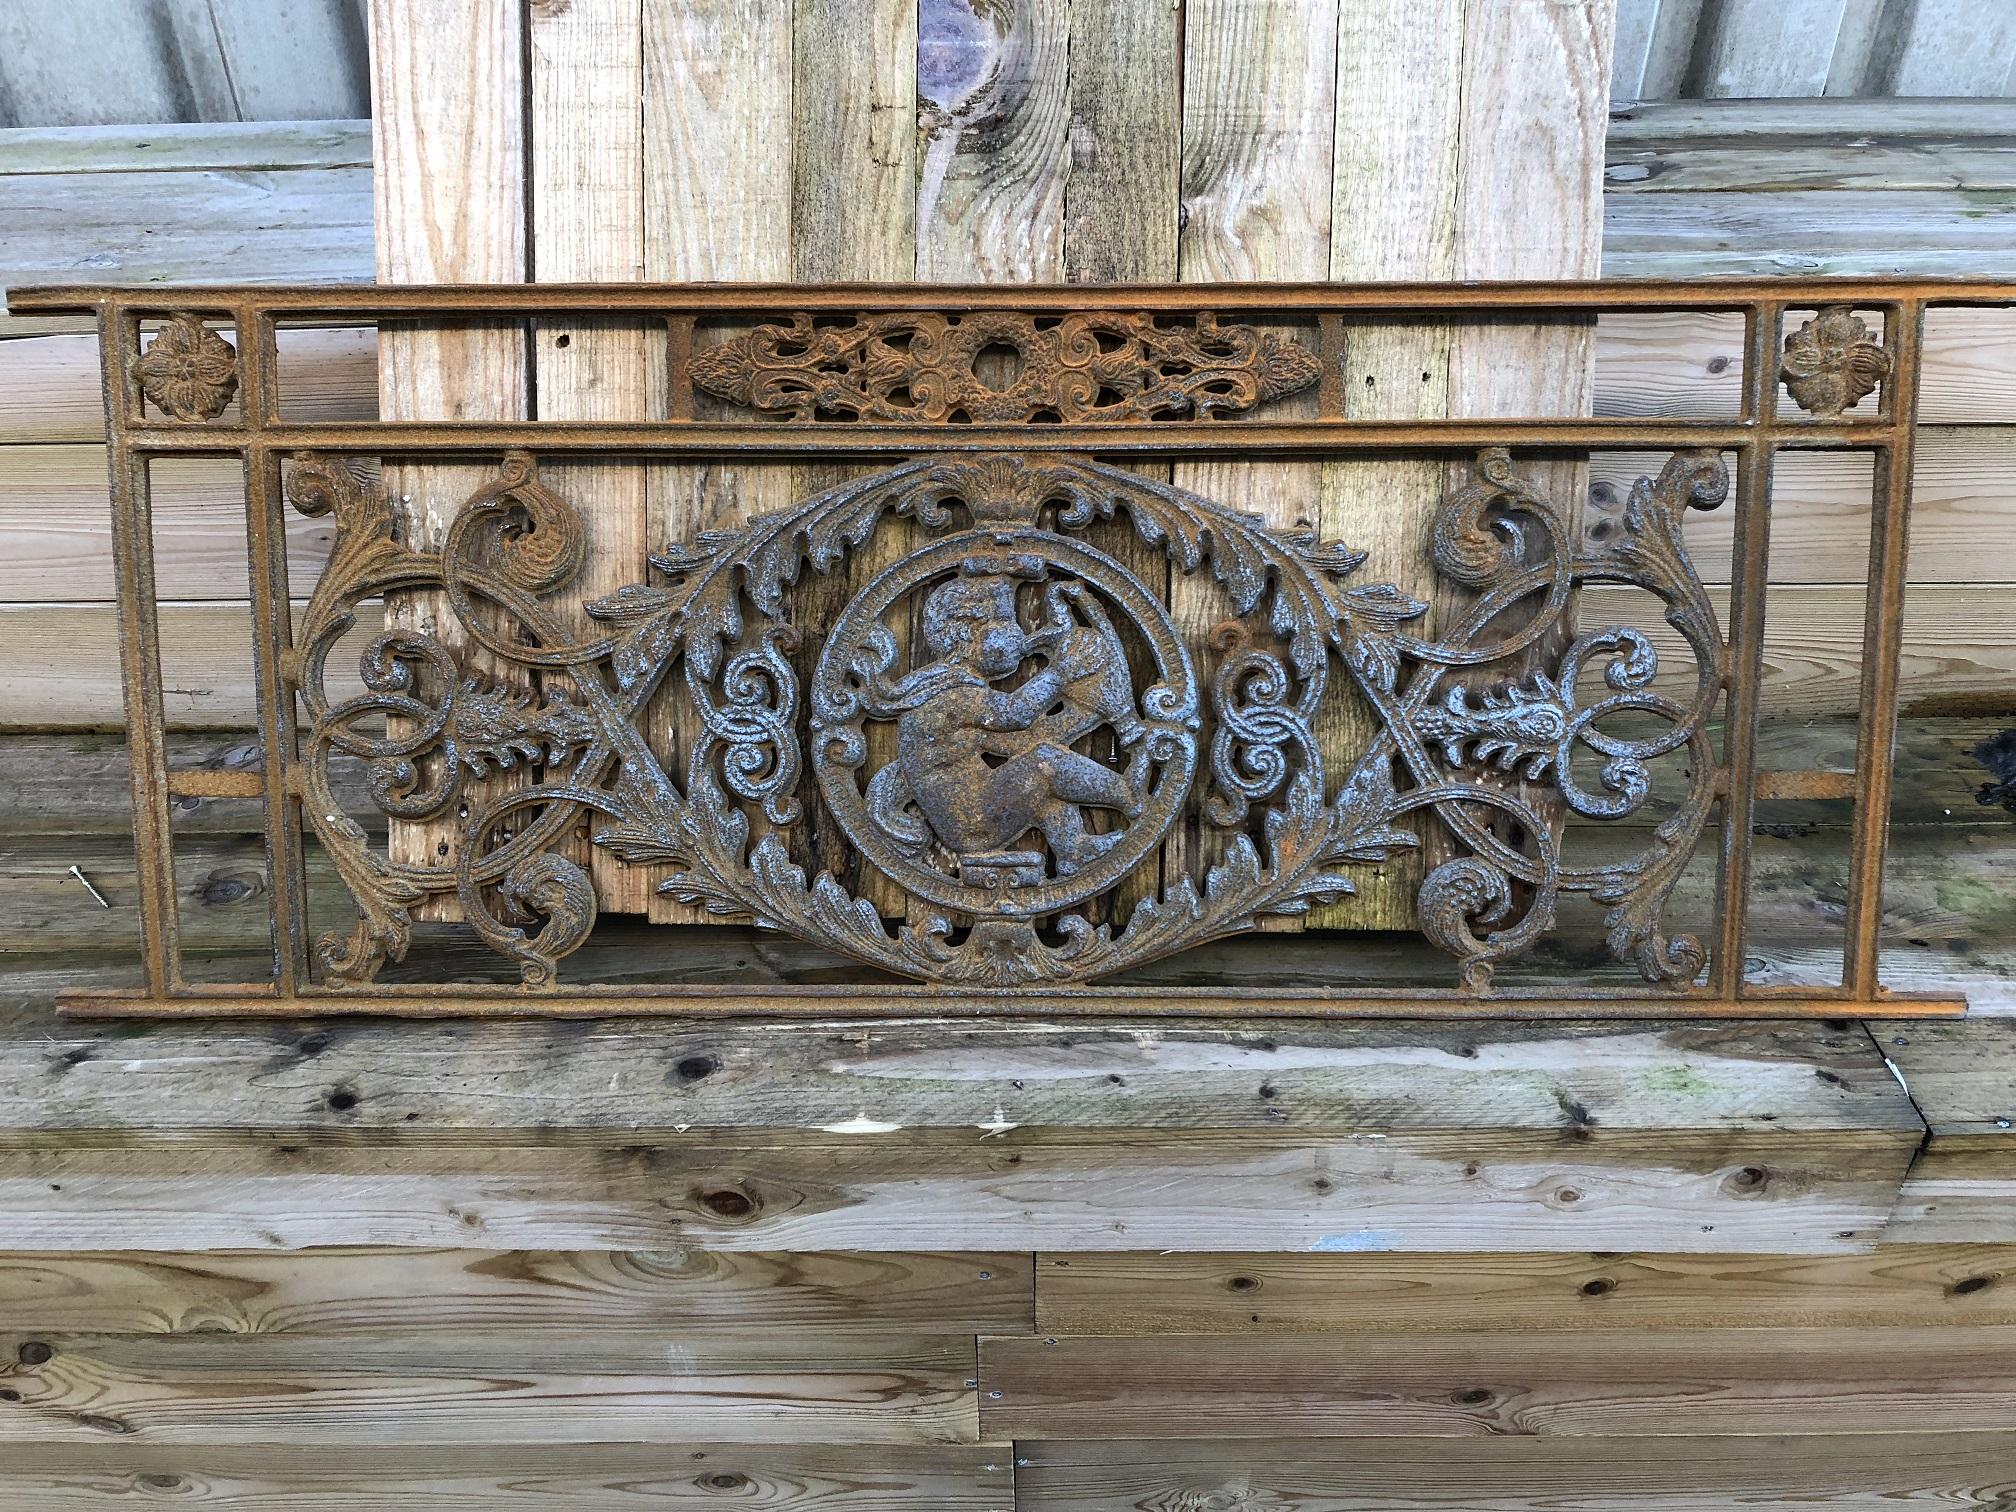 Tags decoratie antiek venster grille rond de eeuwwisseling